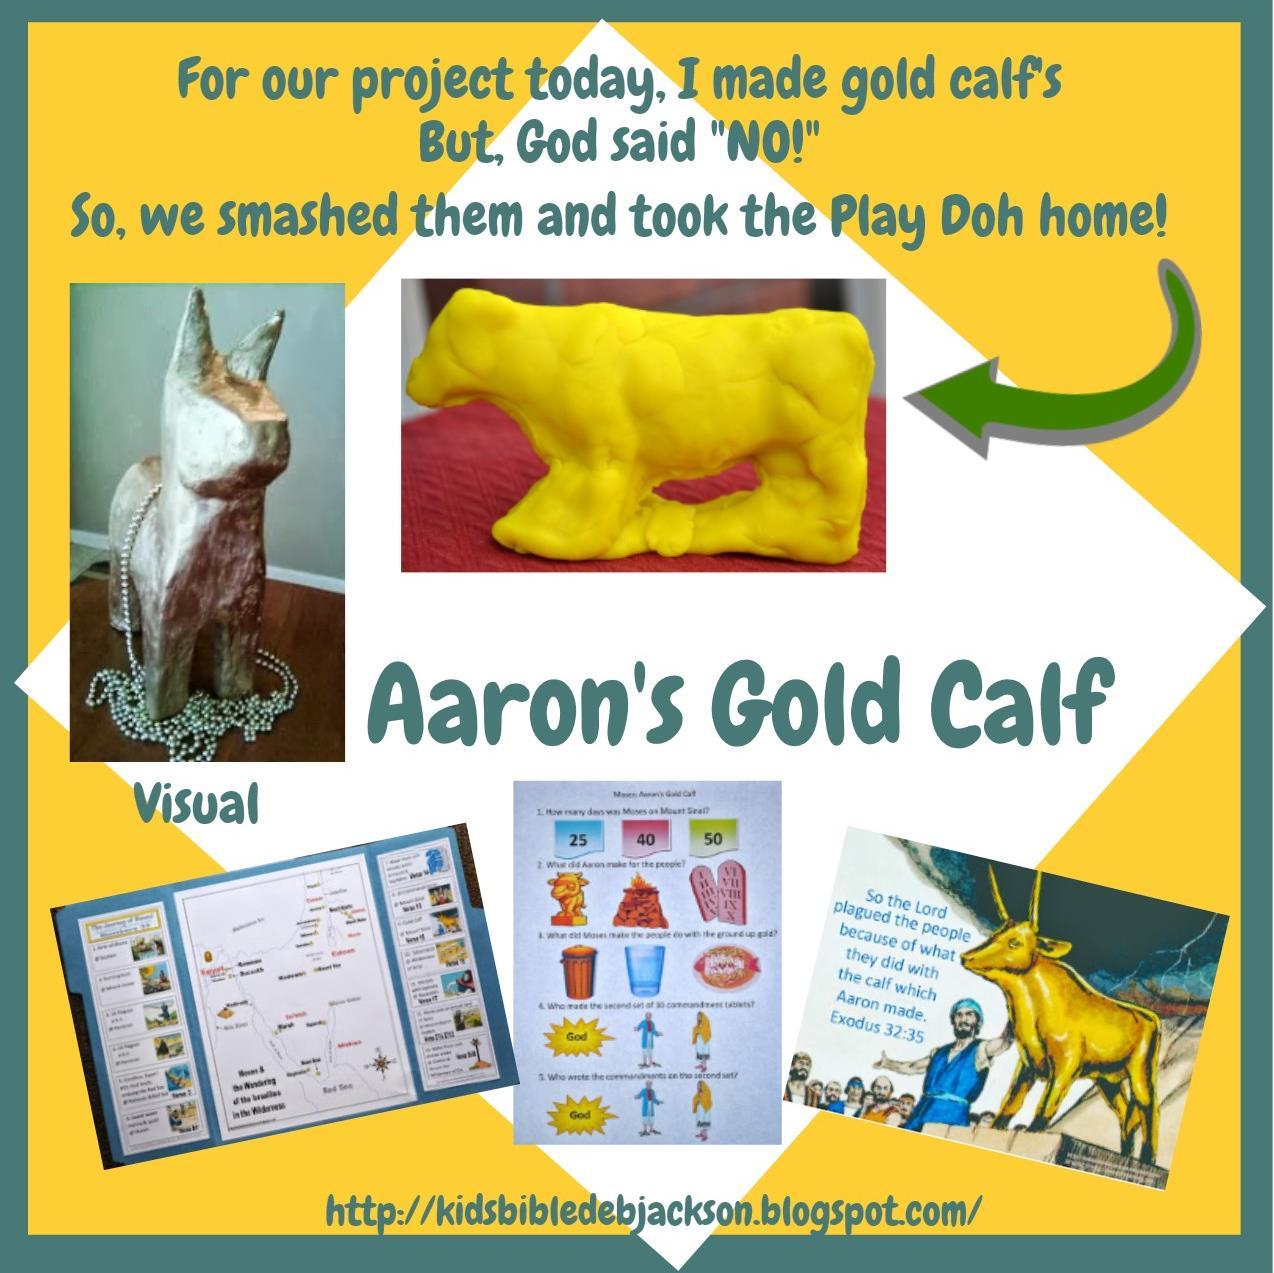 http://kidsbibledebjackson.blogspot.com/2013/10/moses-aarons-gold-calf.html